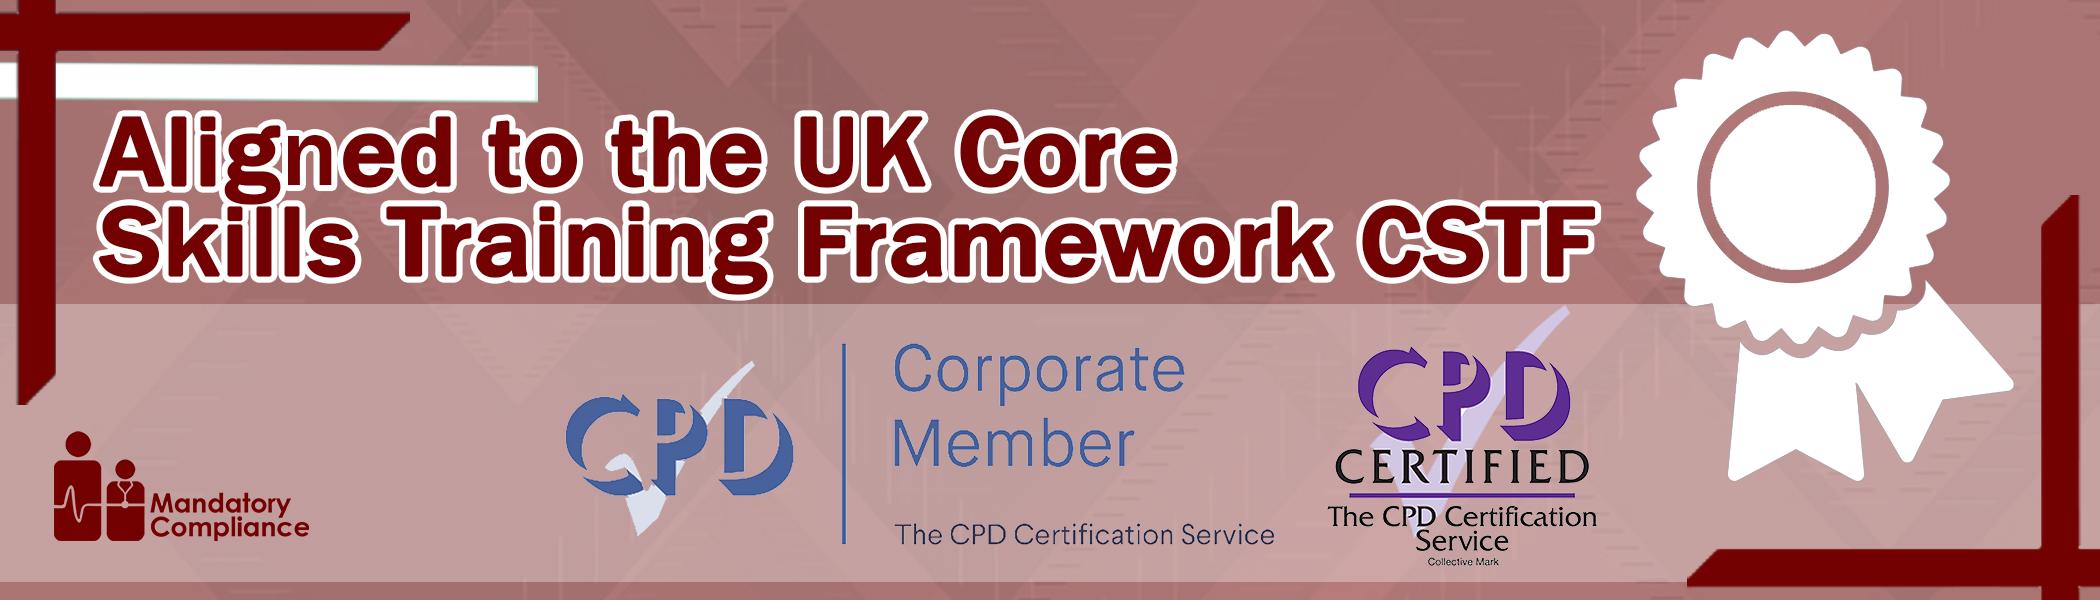 Online Mandatory Training - CSTF Aligned - E-Learning Courses - Mandatory Compliance UK -